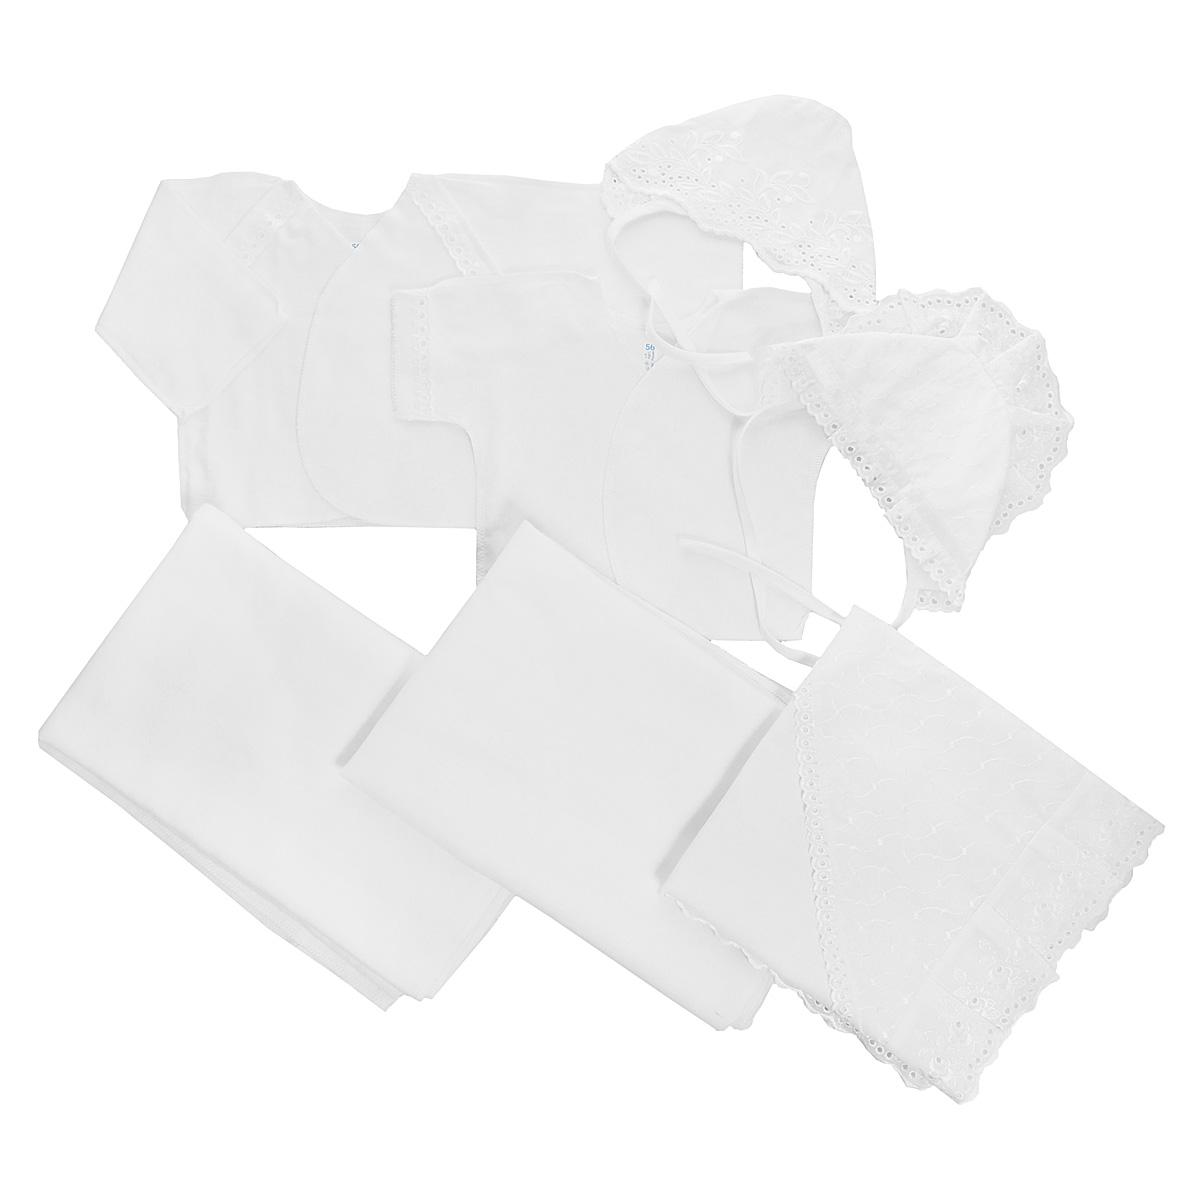 Комплект одежды3403Комплект для новорожденного Трон-плюс - это замечательный подарок, который прекрасно подойдет для первых дней жизни малыша. Комплект состоит из двух распашонок, двух чепчиков, уголка и двух пеленок. Комплект изготовлен из натурального хлопка, благодаря чему он необычайно мягкий и приятный на ощупь, не сковывает движения младенца и позволяет коже дышать, не раздражает даже самую нежную и чувствительную кожу ребенка, обеспечивая ему наибольший комфорт. Легкая распашонка с короткими рукавами выполнена швами наружу. Изделие украшено вышивкой, а рукава декорированы ажурными рюшами. Теплая распашонка с запахом выполнена швами наружу. Декорирована распашонка ажурными рюшами. Чепчик защищает еще не заросший родничок, щадит чувствительный слух малыша, прикрывая ушки, и предохраняет от теплопотерь. Комплект содержит два чепчика: один - легкий мягкий чепчик с завязками выполнен швами наружу и украшен вышивками, а второй - теплый чепчик выполнен из футера швами наружу и украшен...